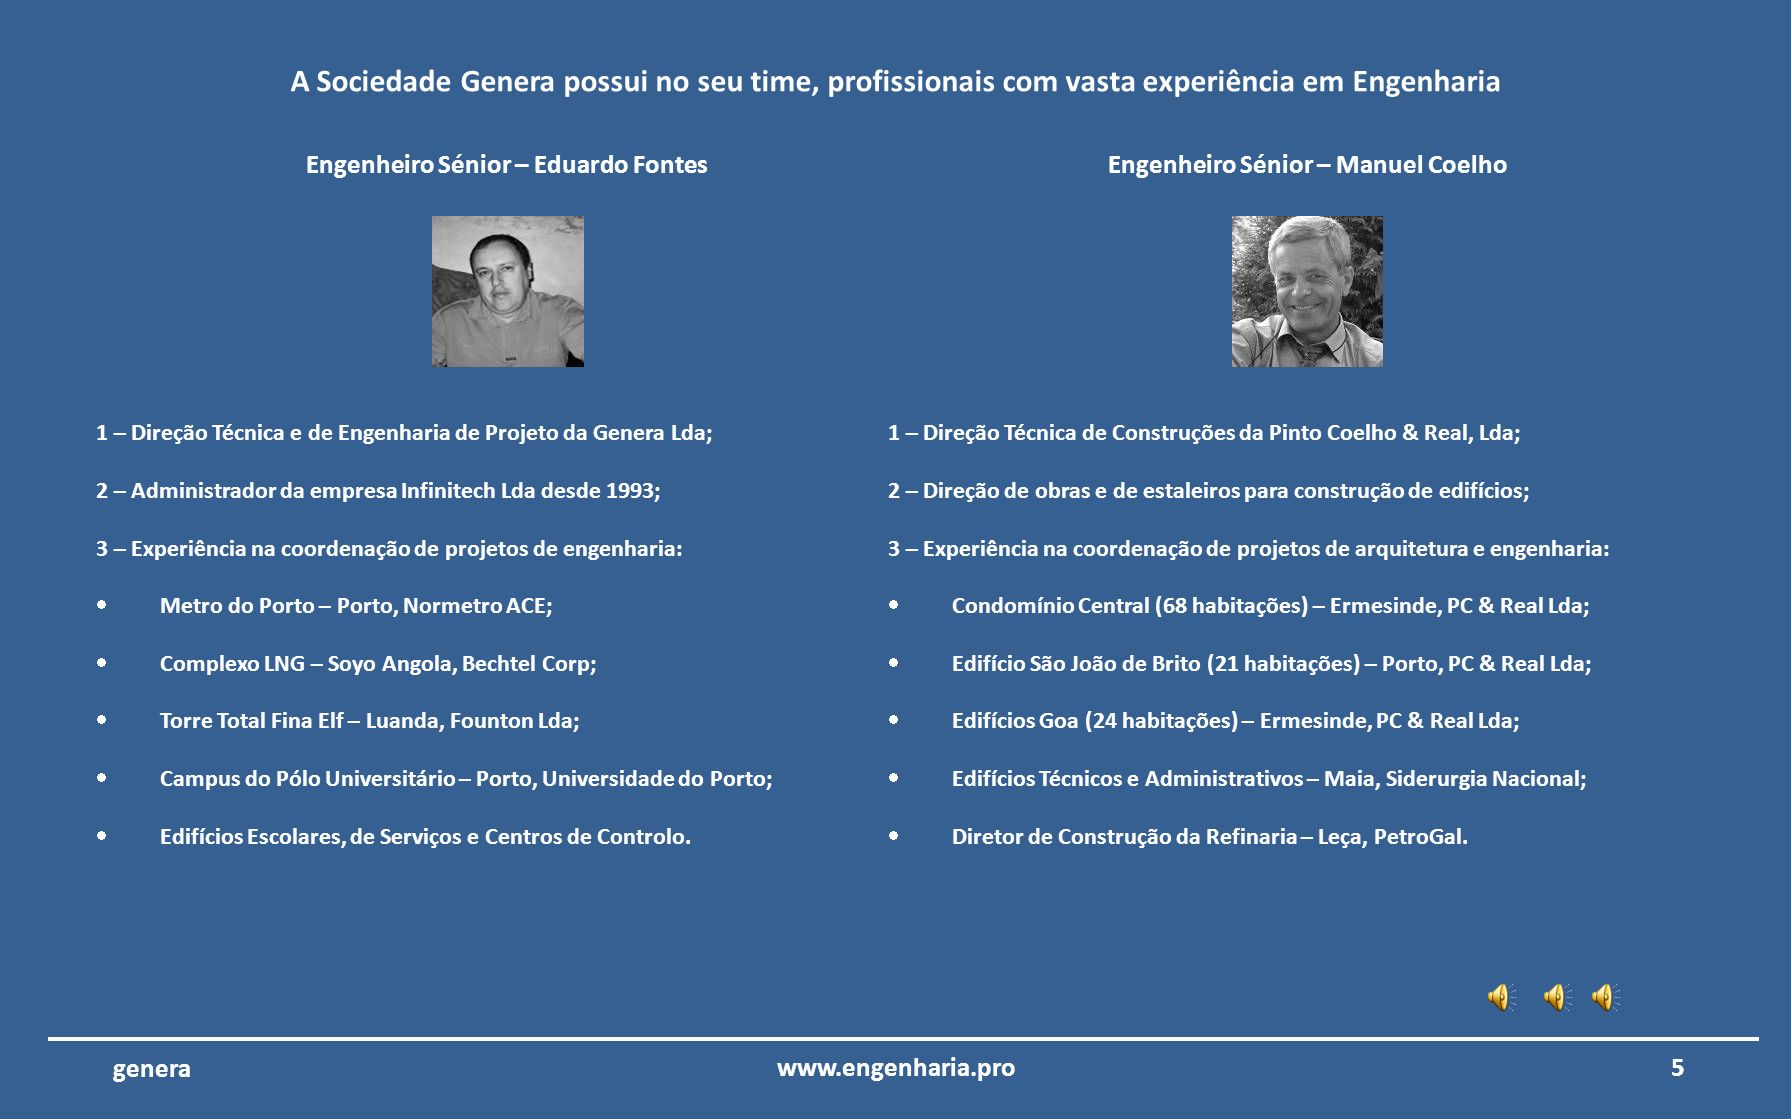 Engenheiro Sénior – Eduardo Fontes Engenheiro Sénior – Manuel Coelho